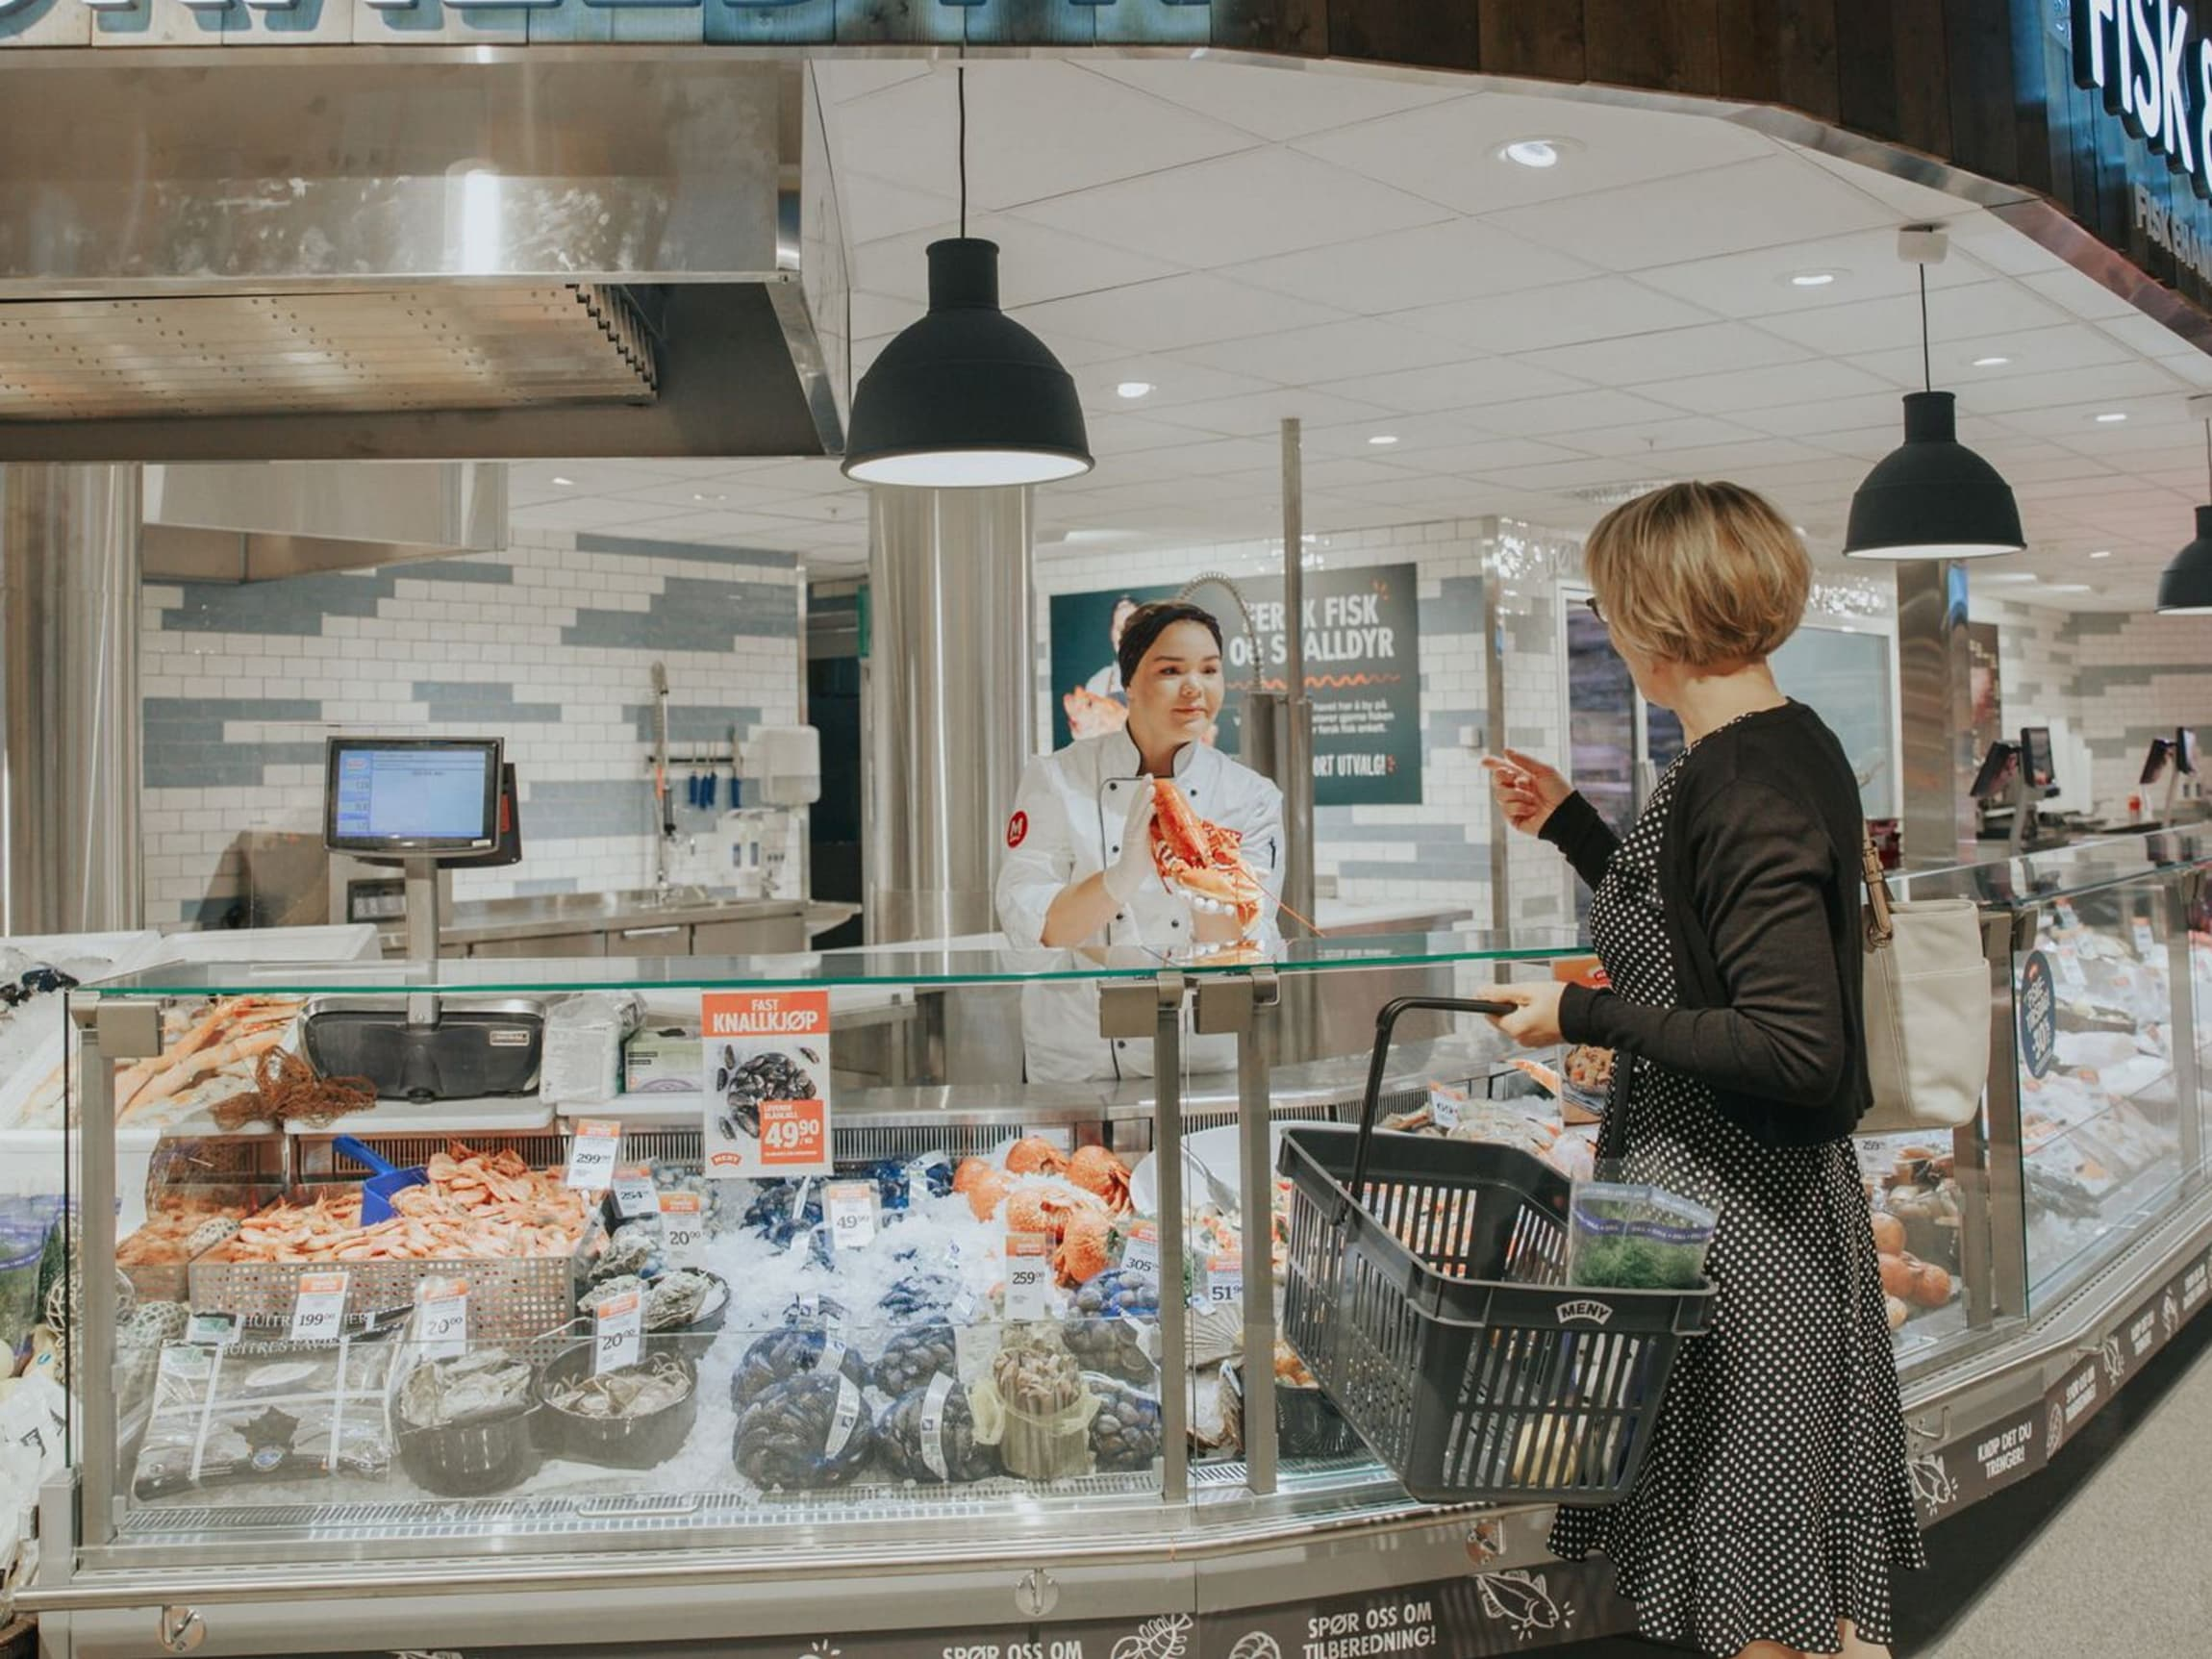 Nordmenn liker å handle i butikk - kanskje for å bli inspirert til spennende middager.